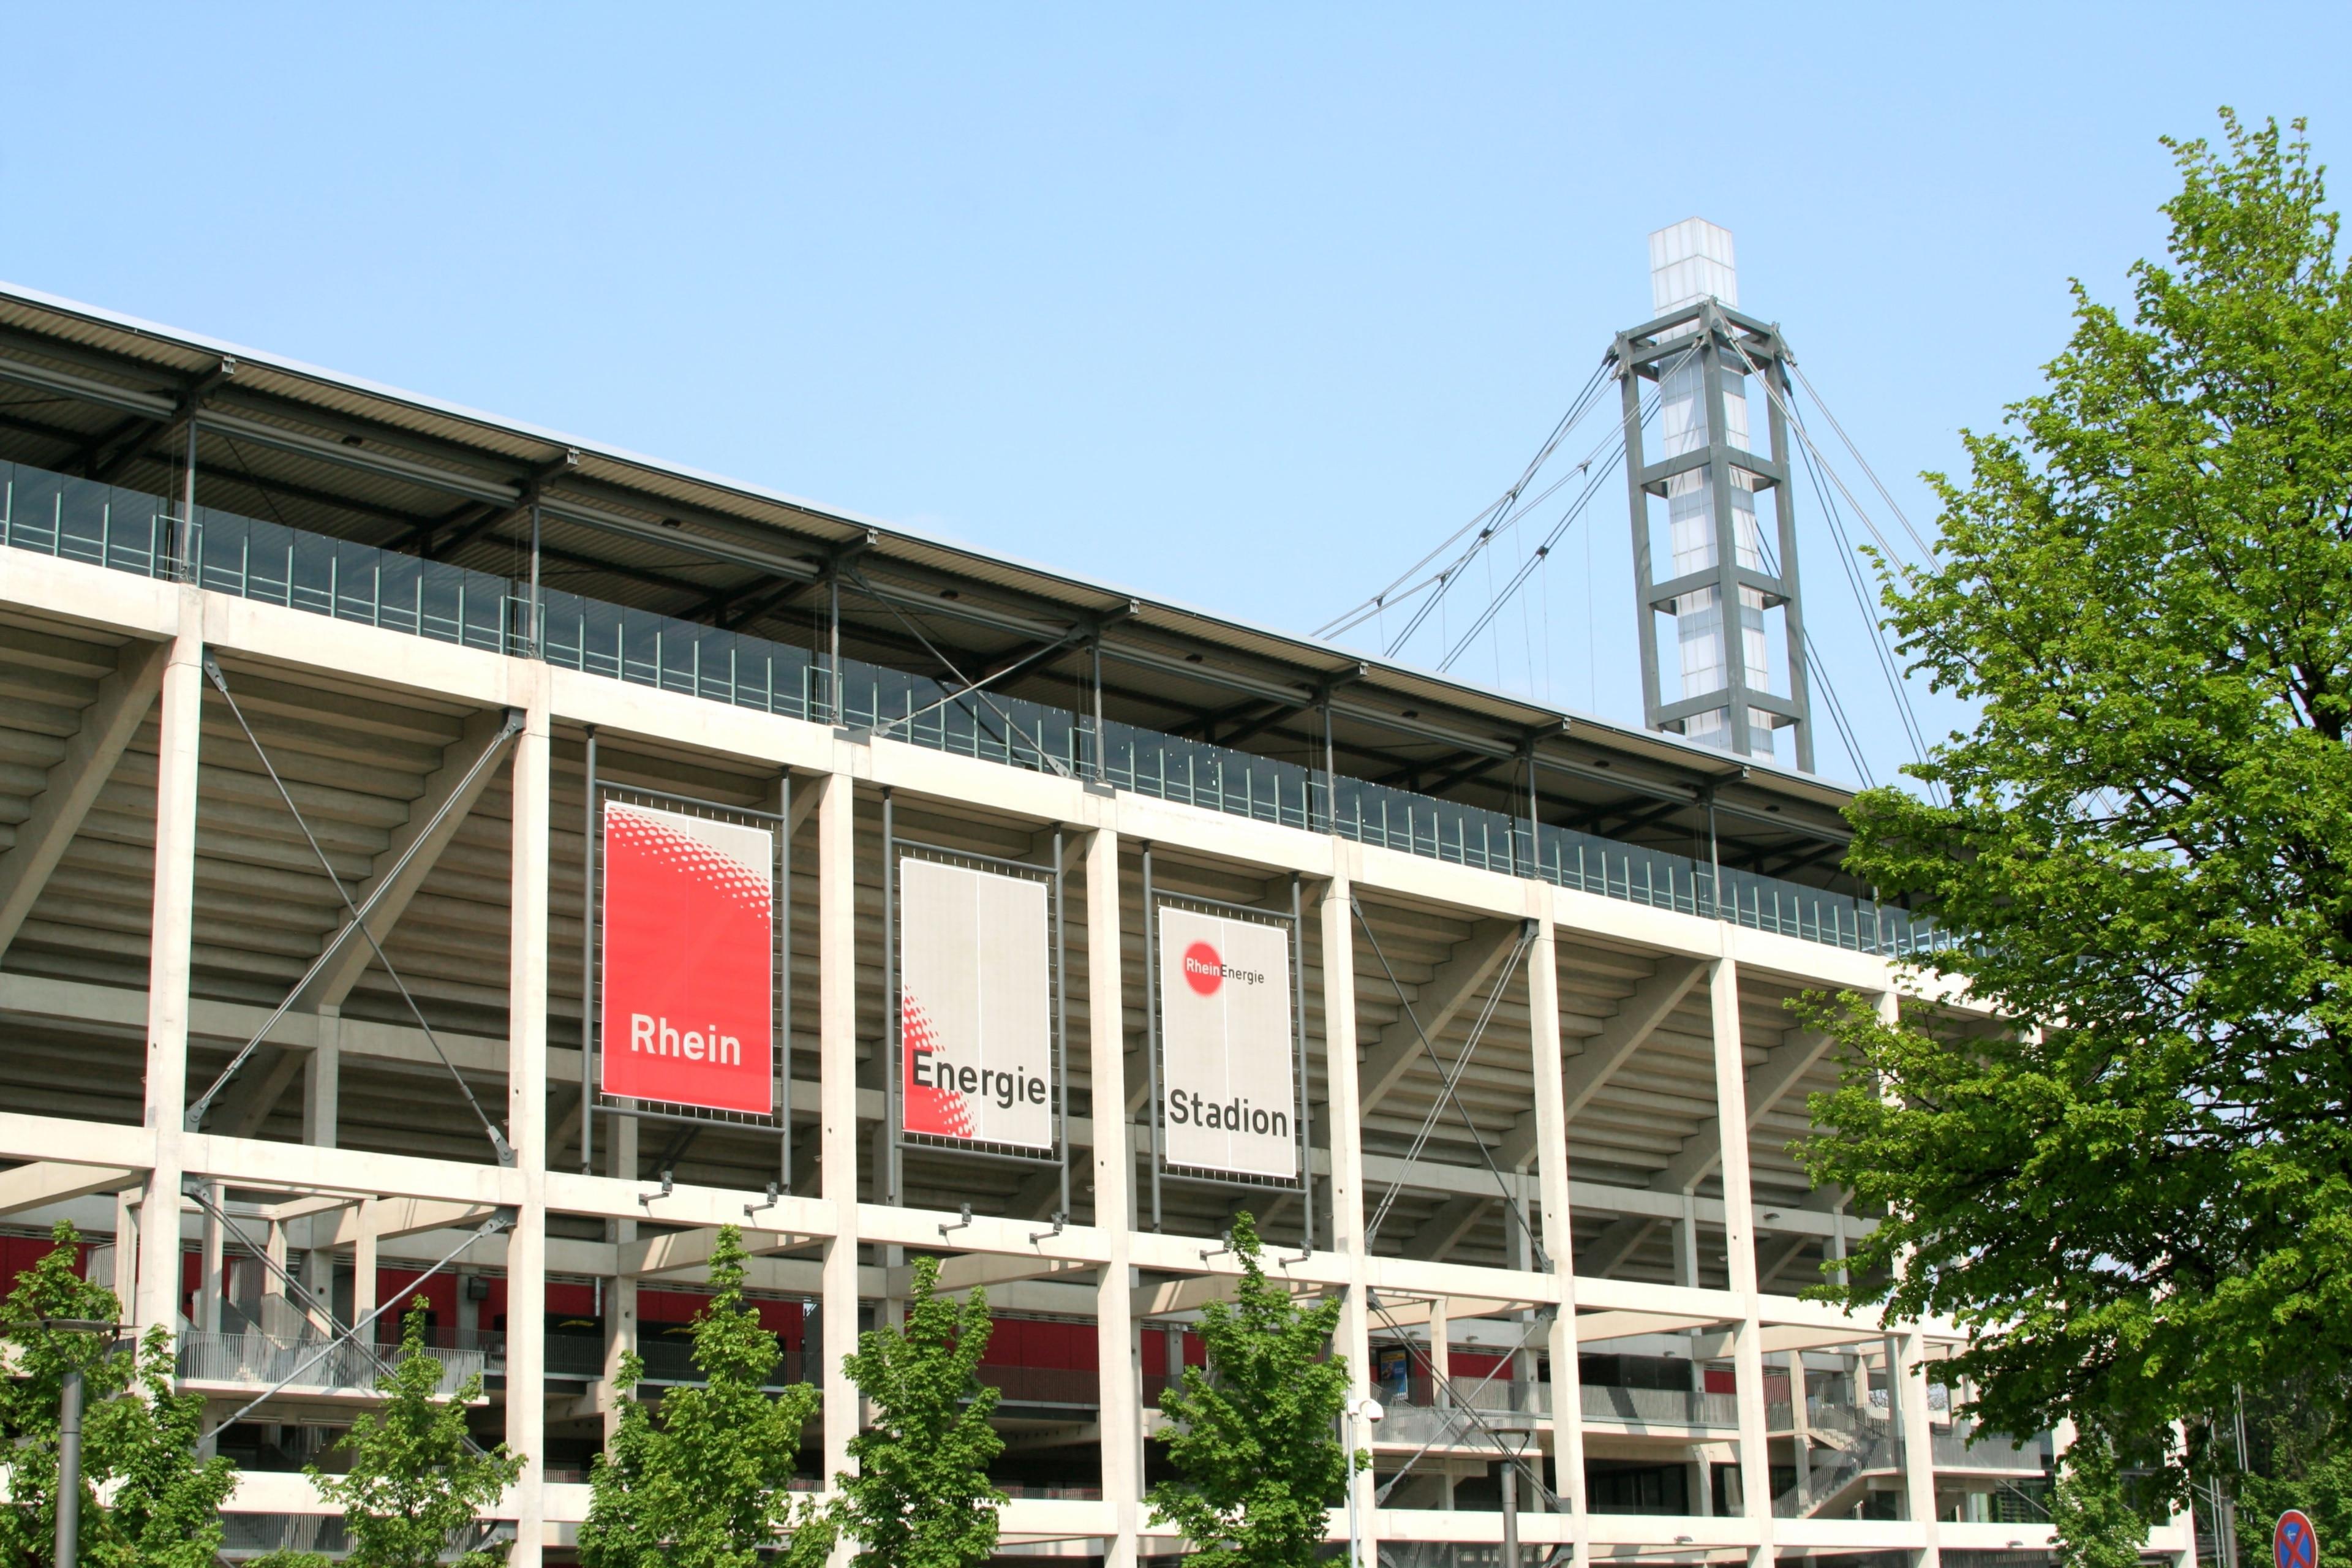 Profitez de votre séjour à Cologne pour assister à un événement particulier lors d'un détour par Stade RheinEnergieStadion. Rendez-vous auprès de cet endroit très riche culturellement et offrez-vous une balade revigorante le long de ses berges ou laissez-vous tenter par ses chocolats.